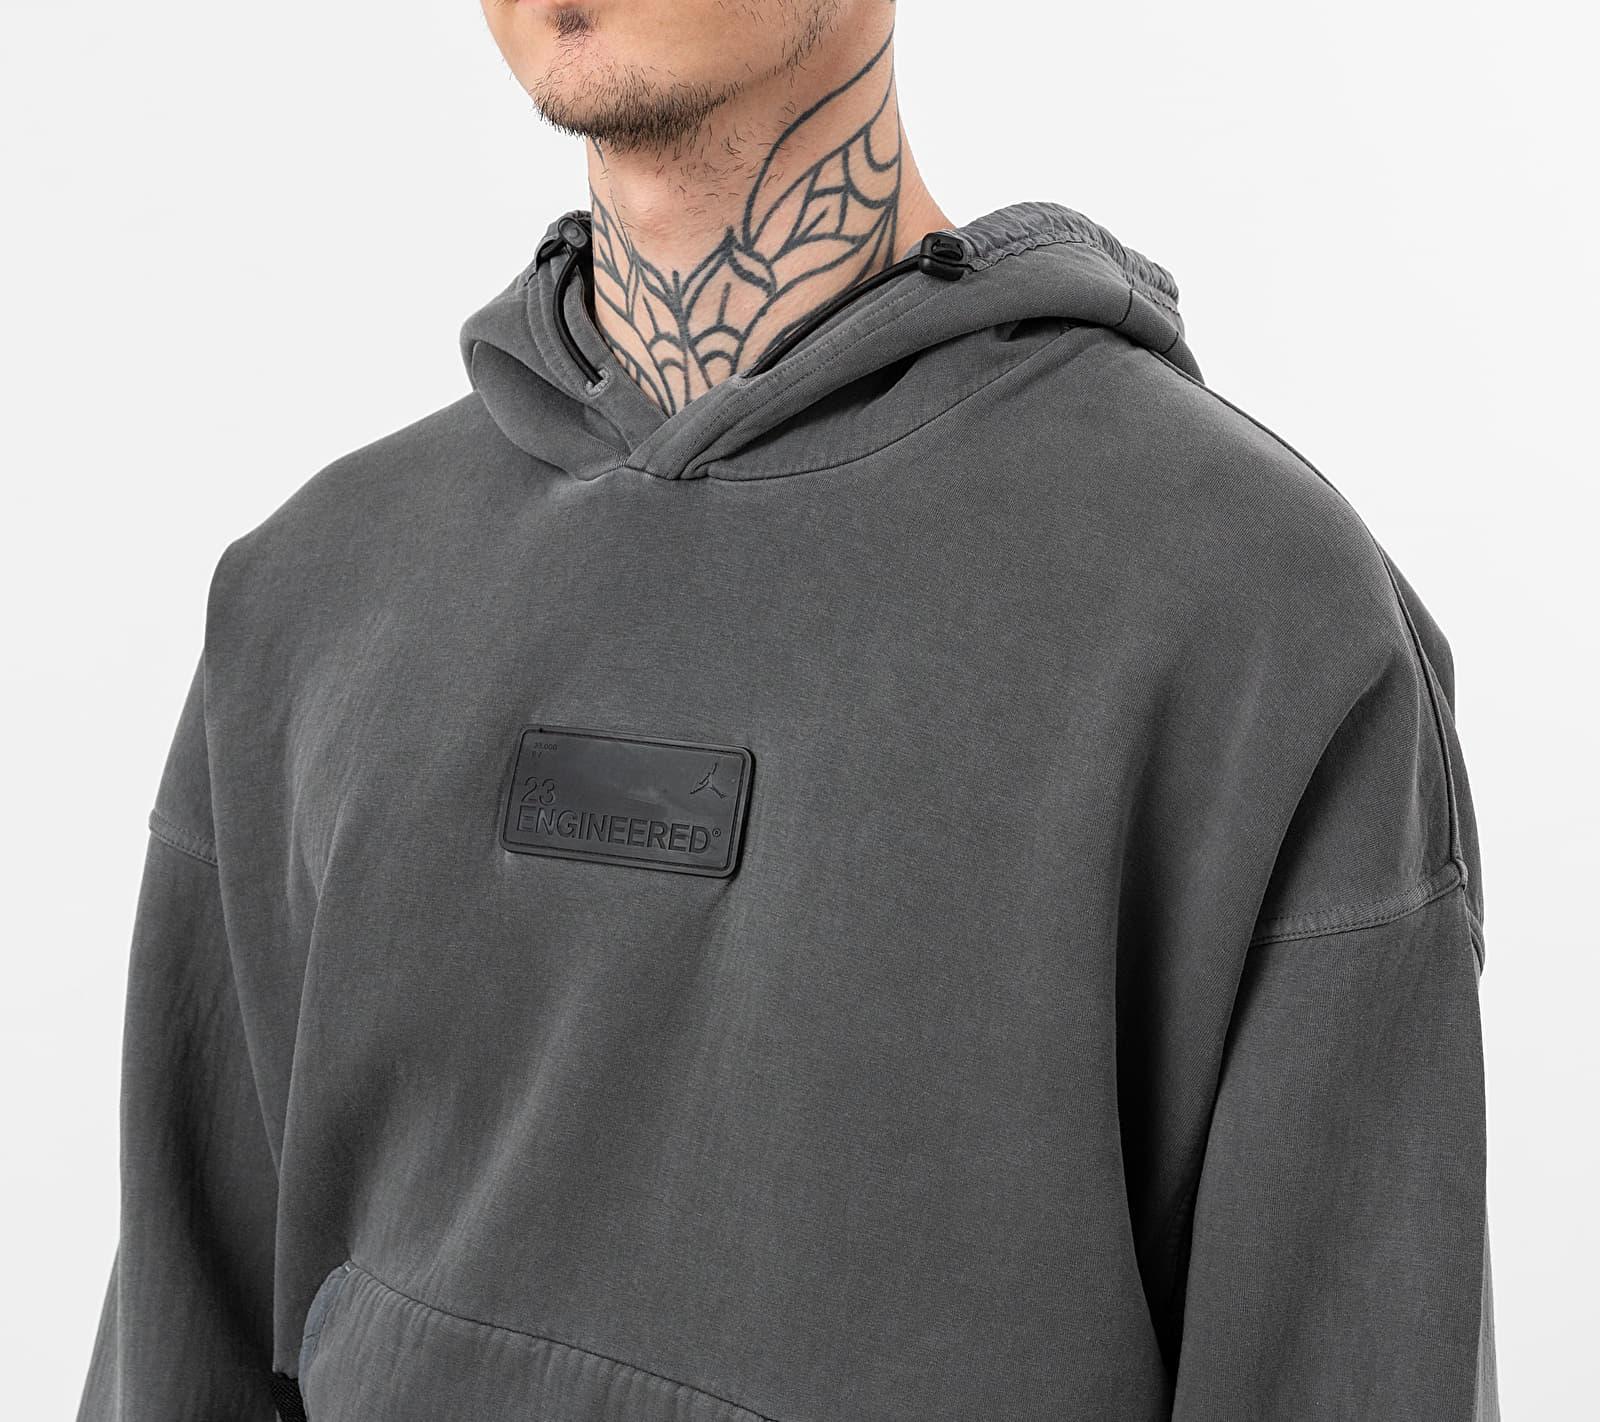 Jordan 23 Engineered Pullover Hoodie Black/ Black